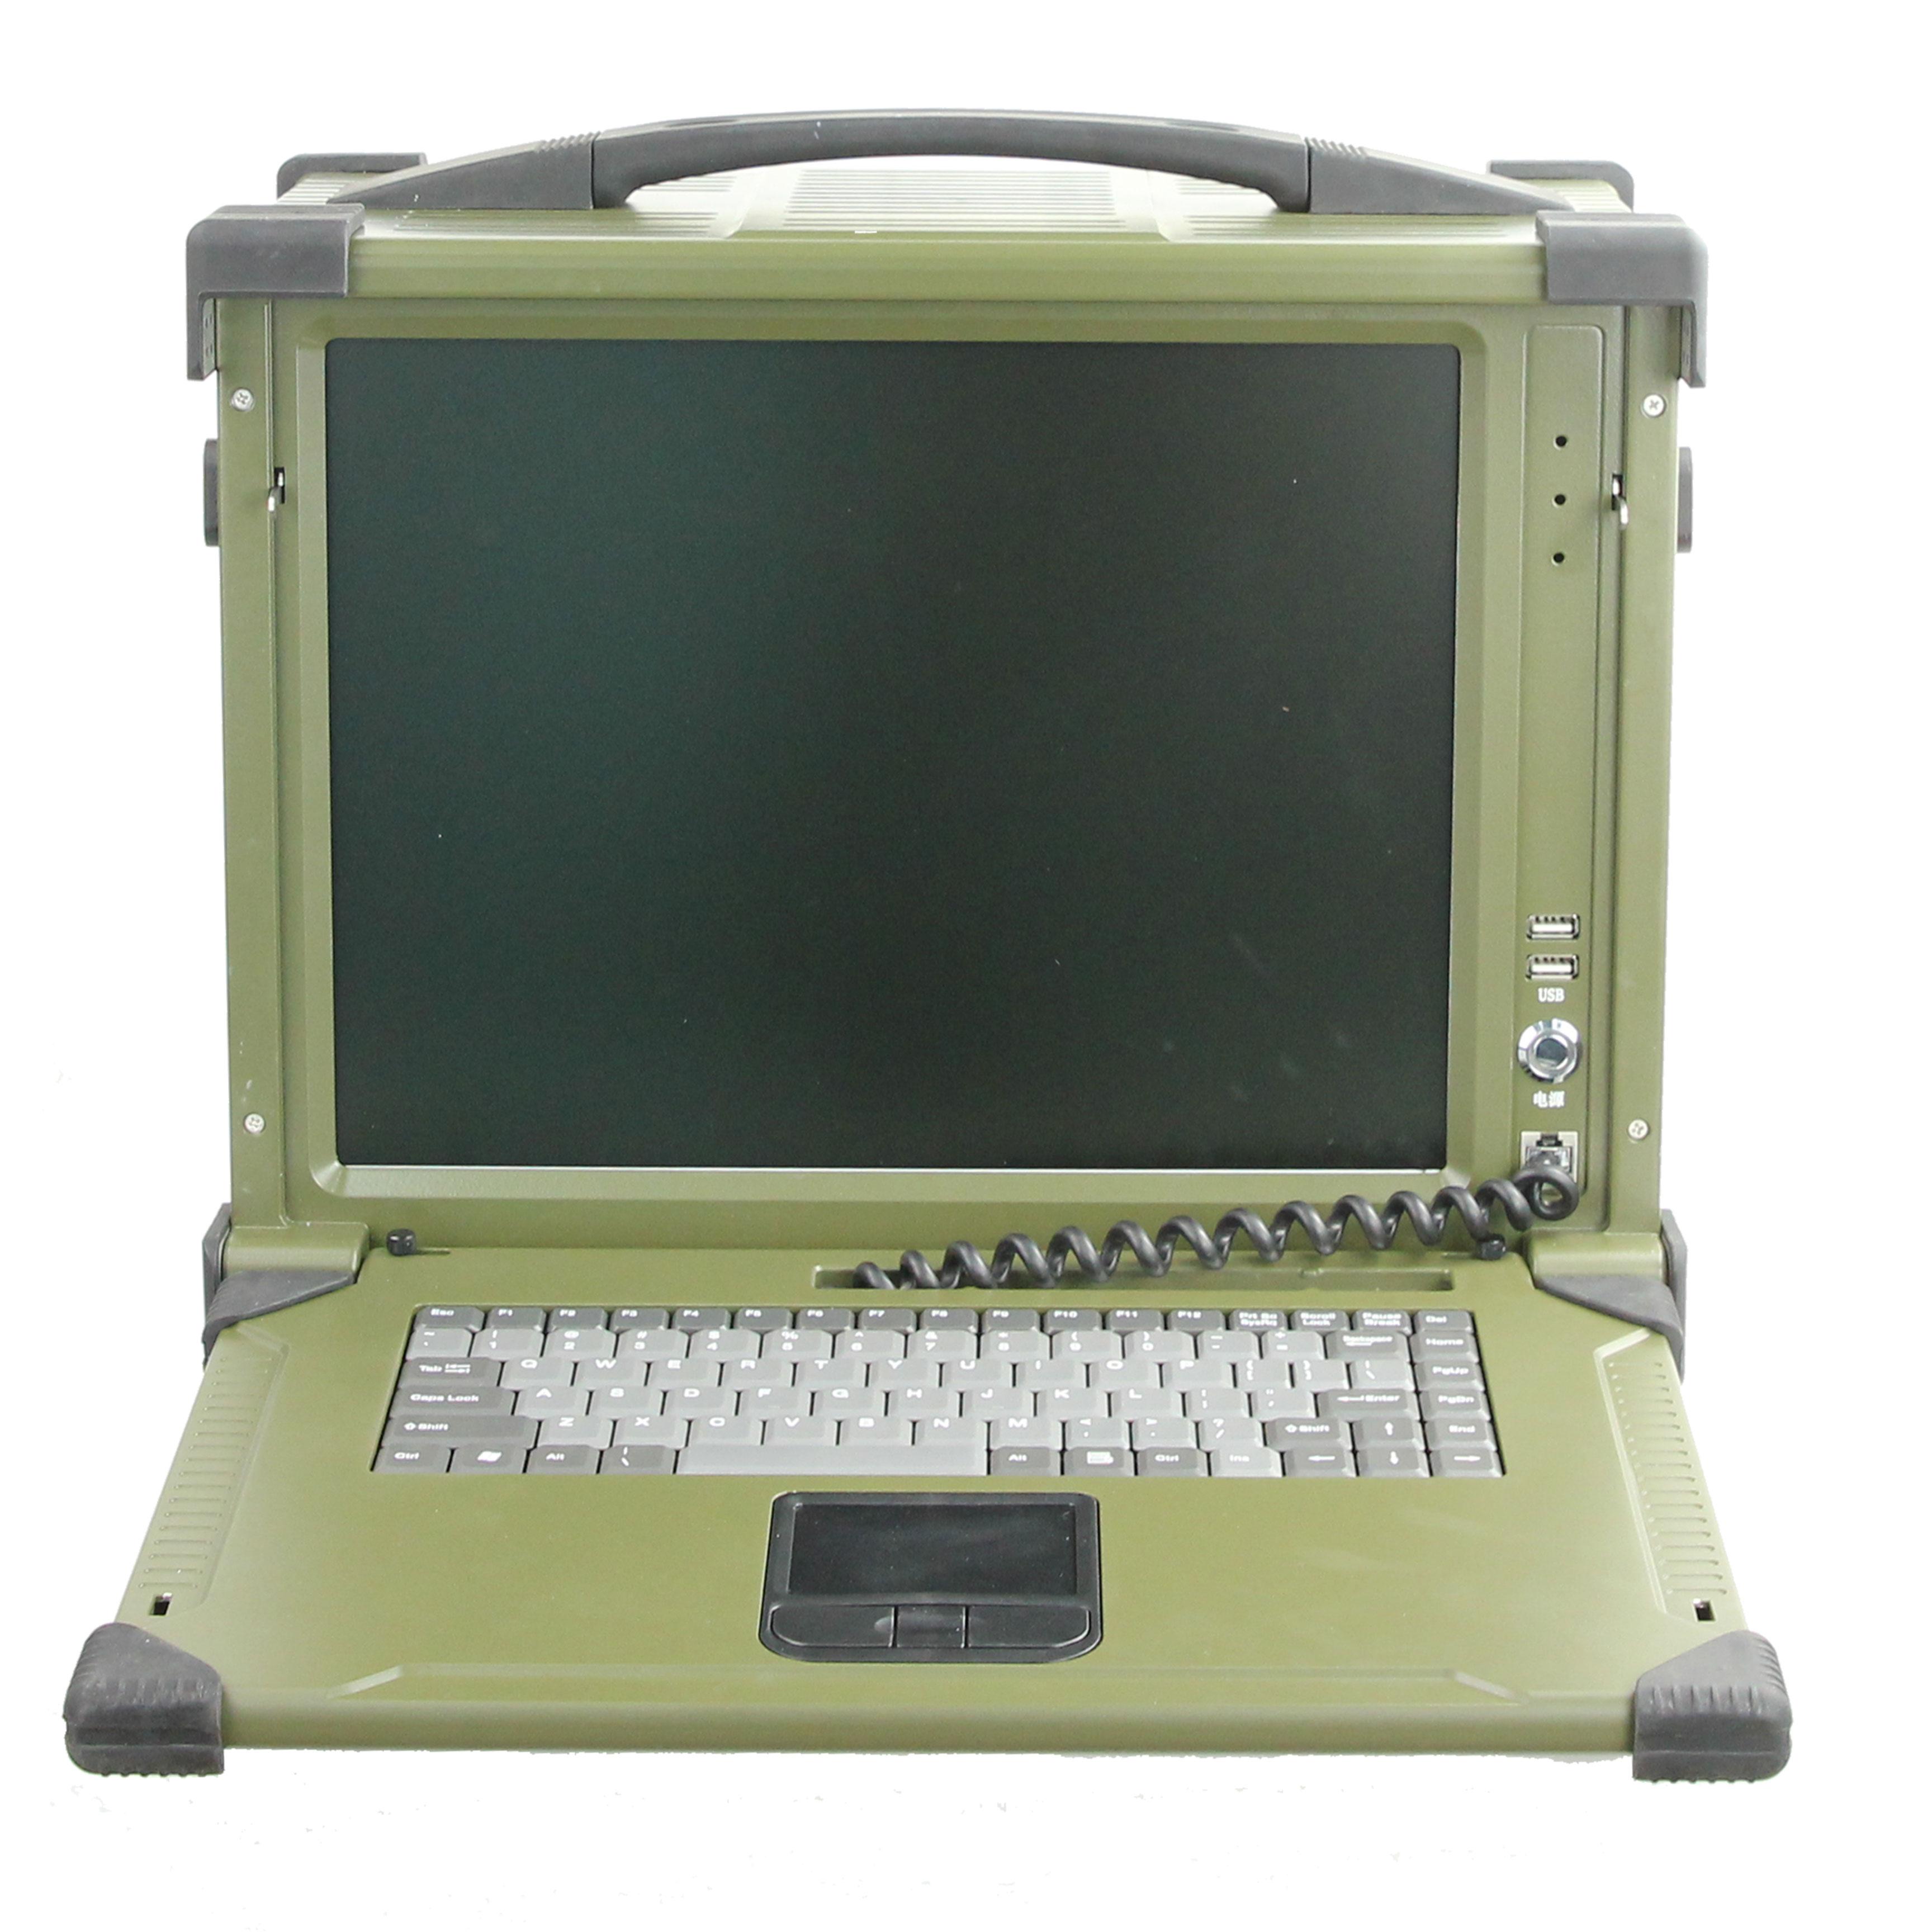 cPCIS-1506